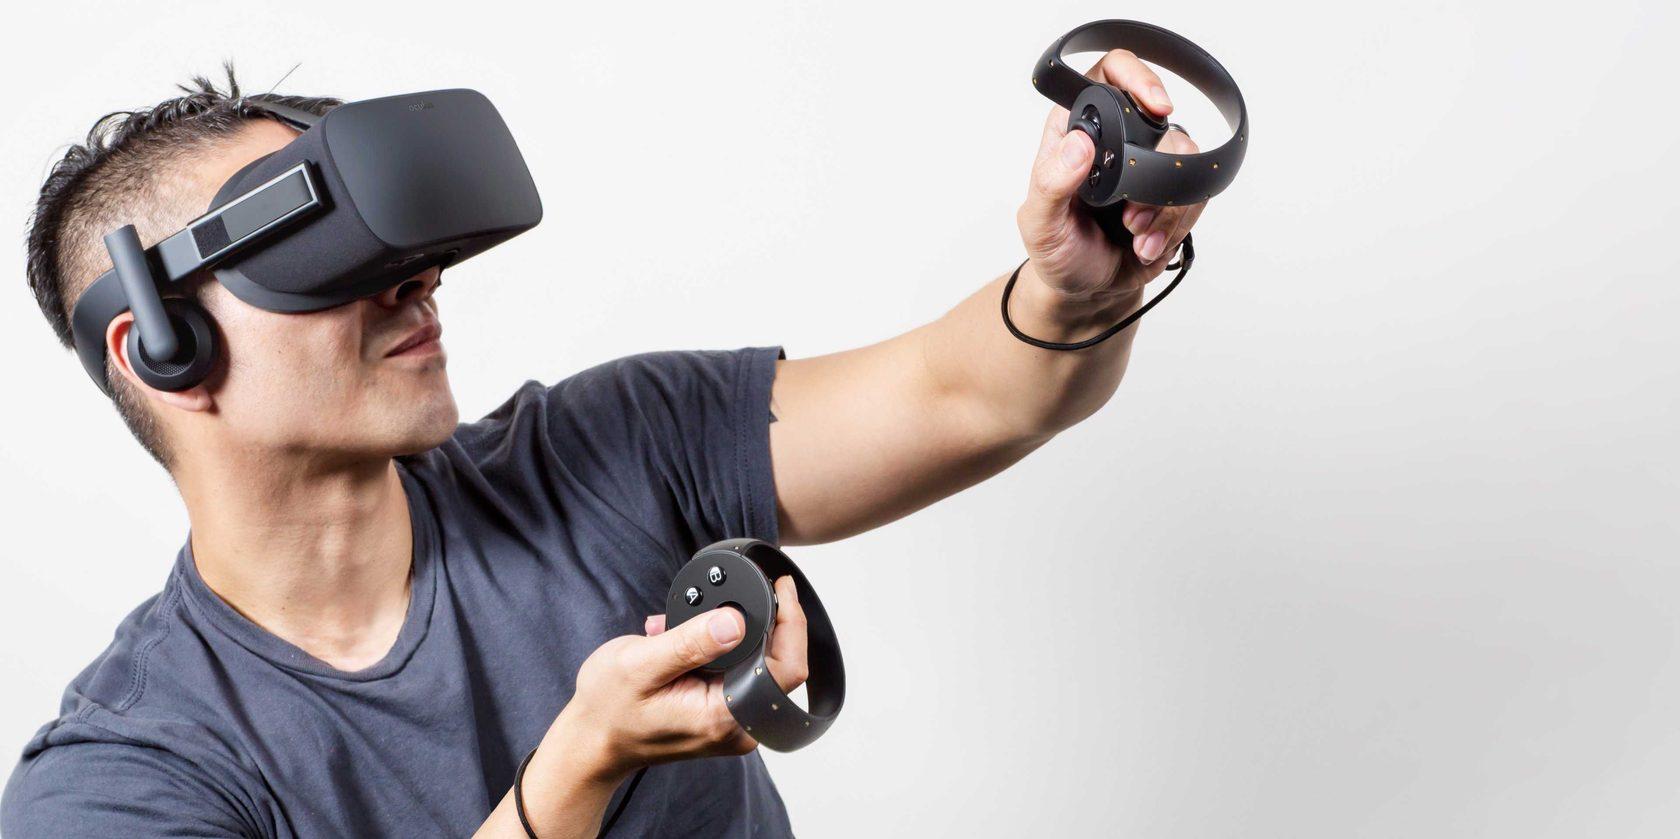 Разработчик пожаловался на то, что шлем виртуальной реальности испортил ему зрение